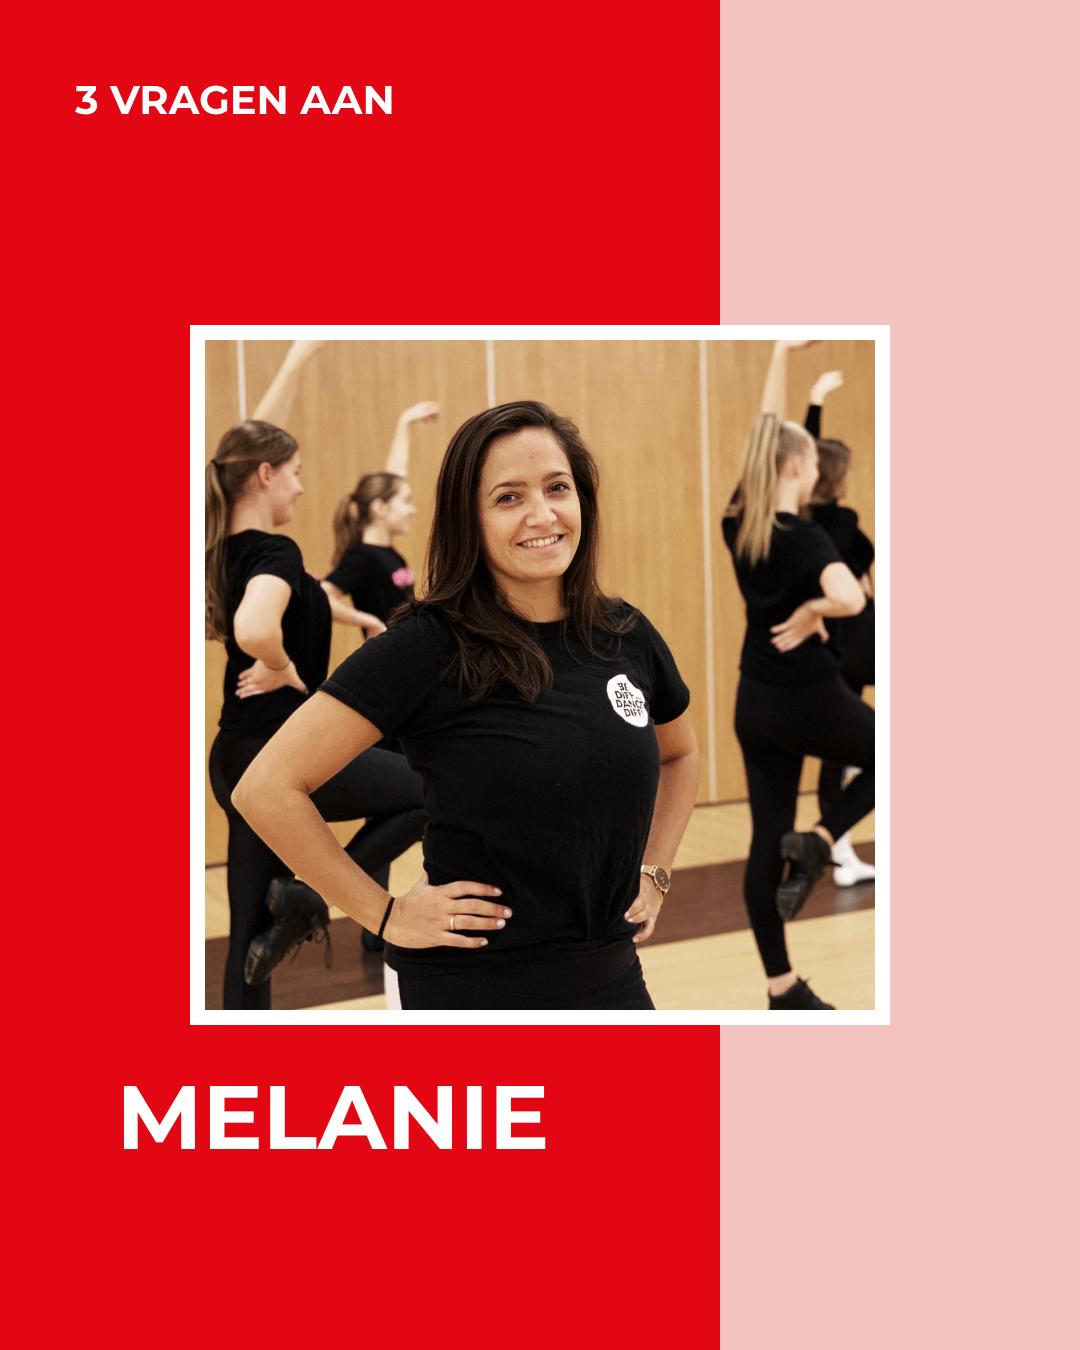 3 VRAGEN AAN – Melanie